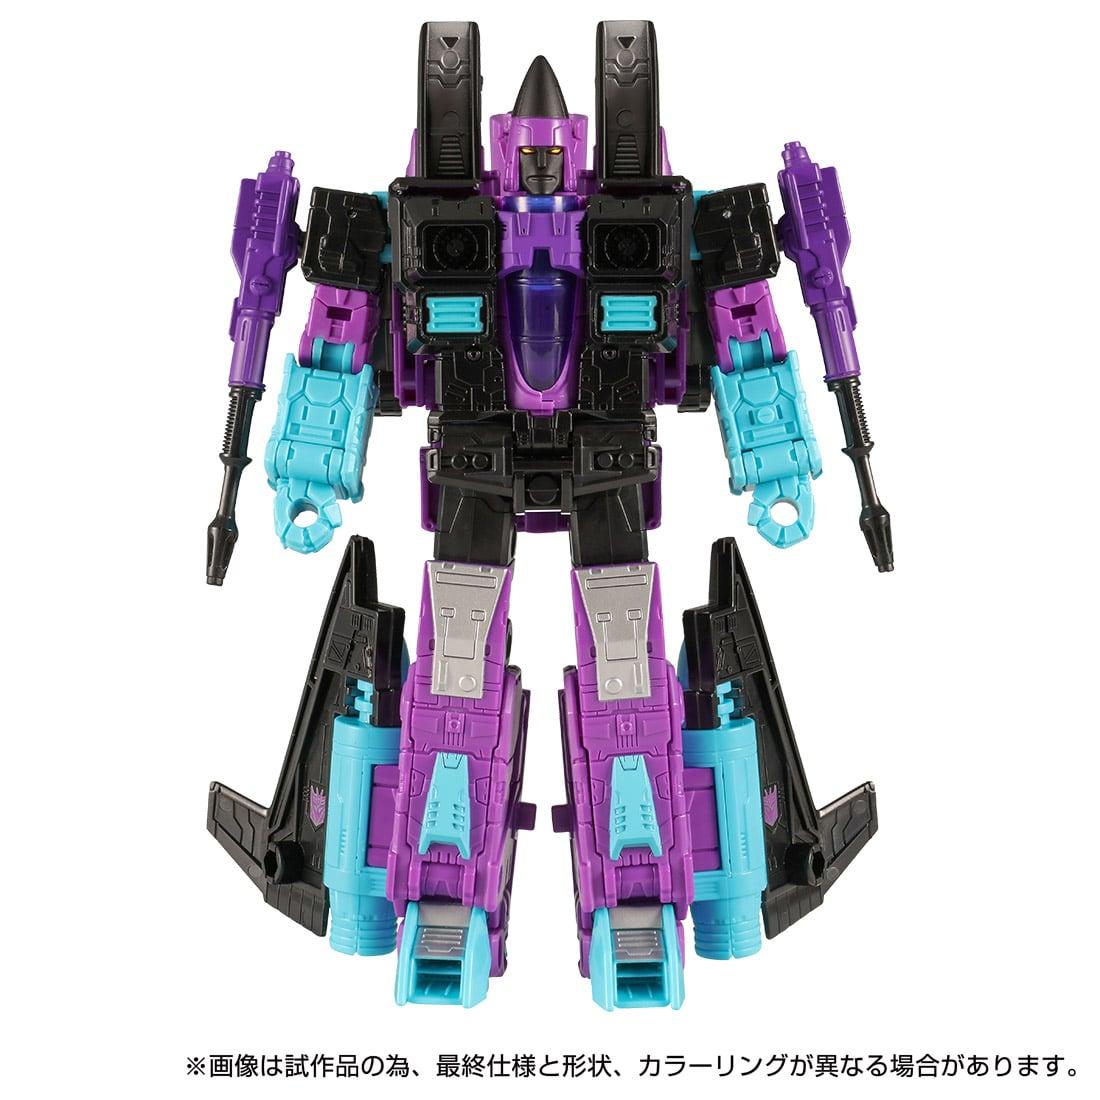 【限定販売】トランスフォーマー GENERATION SELECTS『ラムジェット』可変可動フィギュア-005